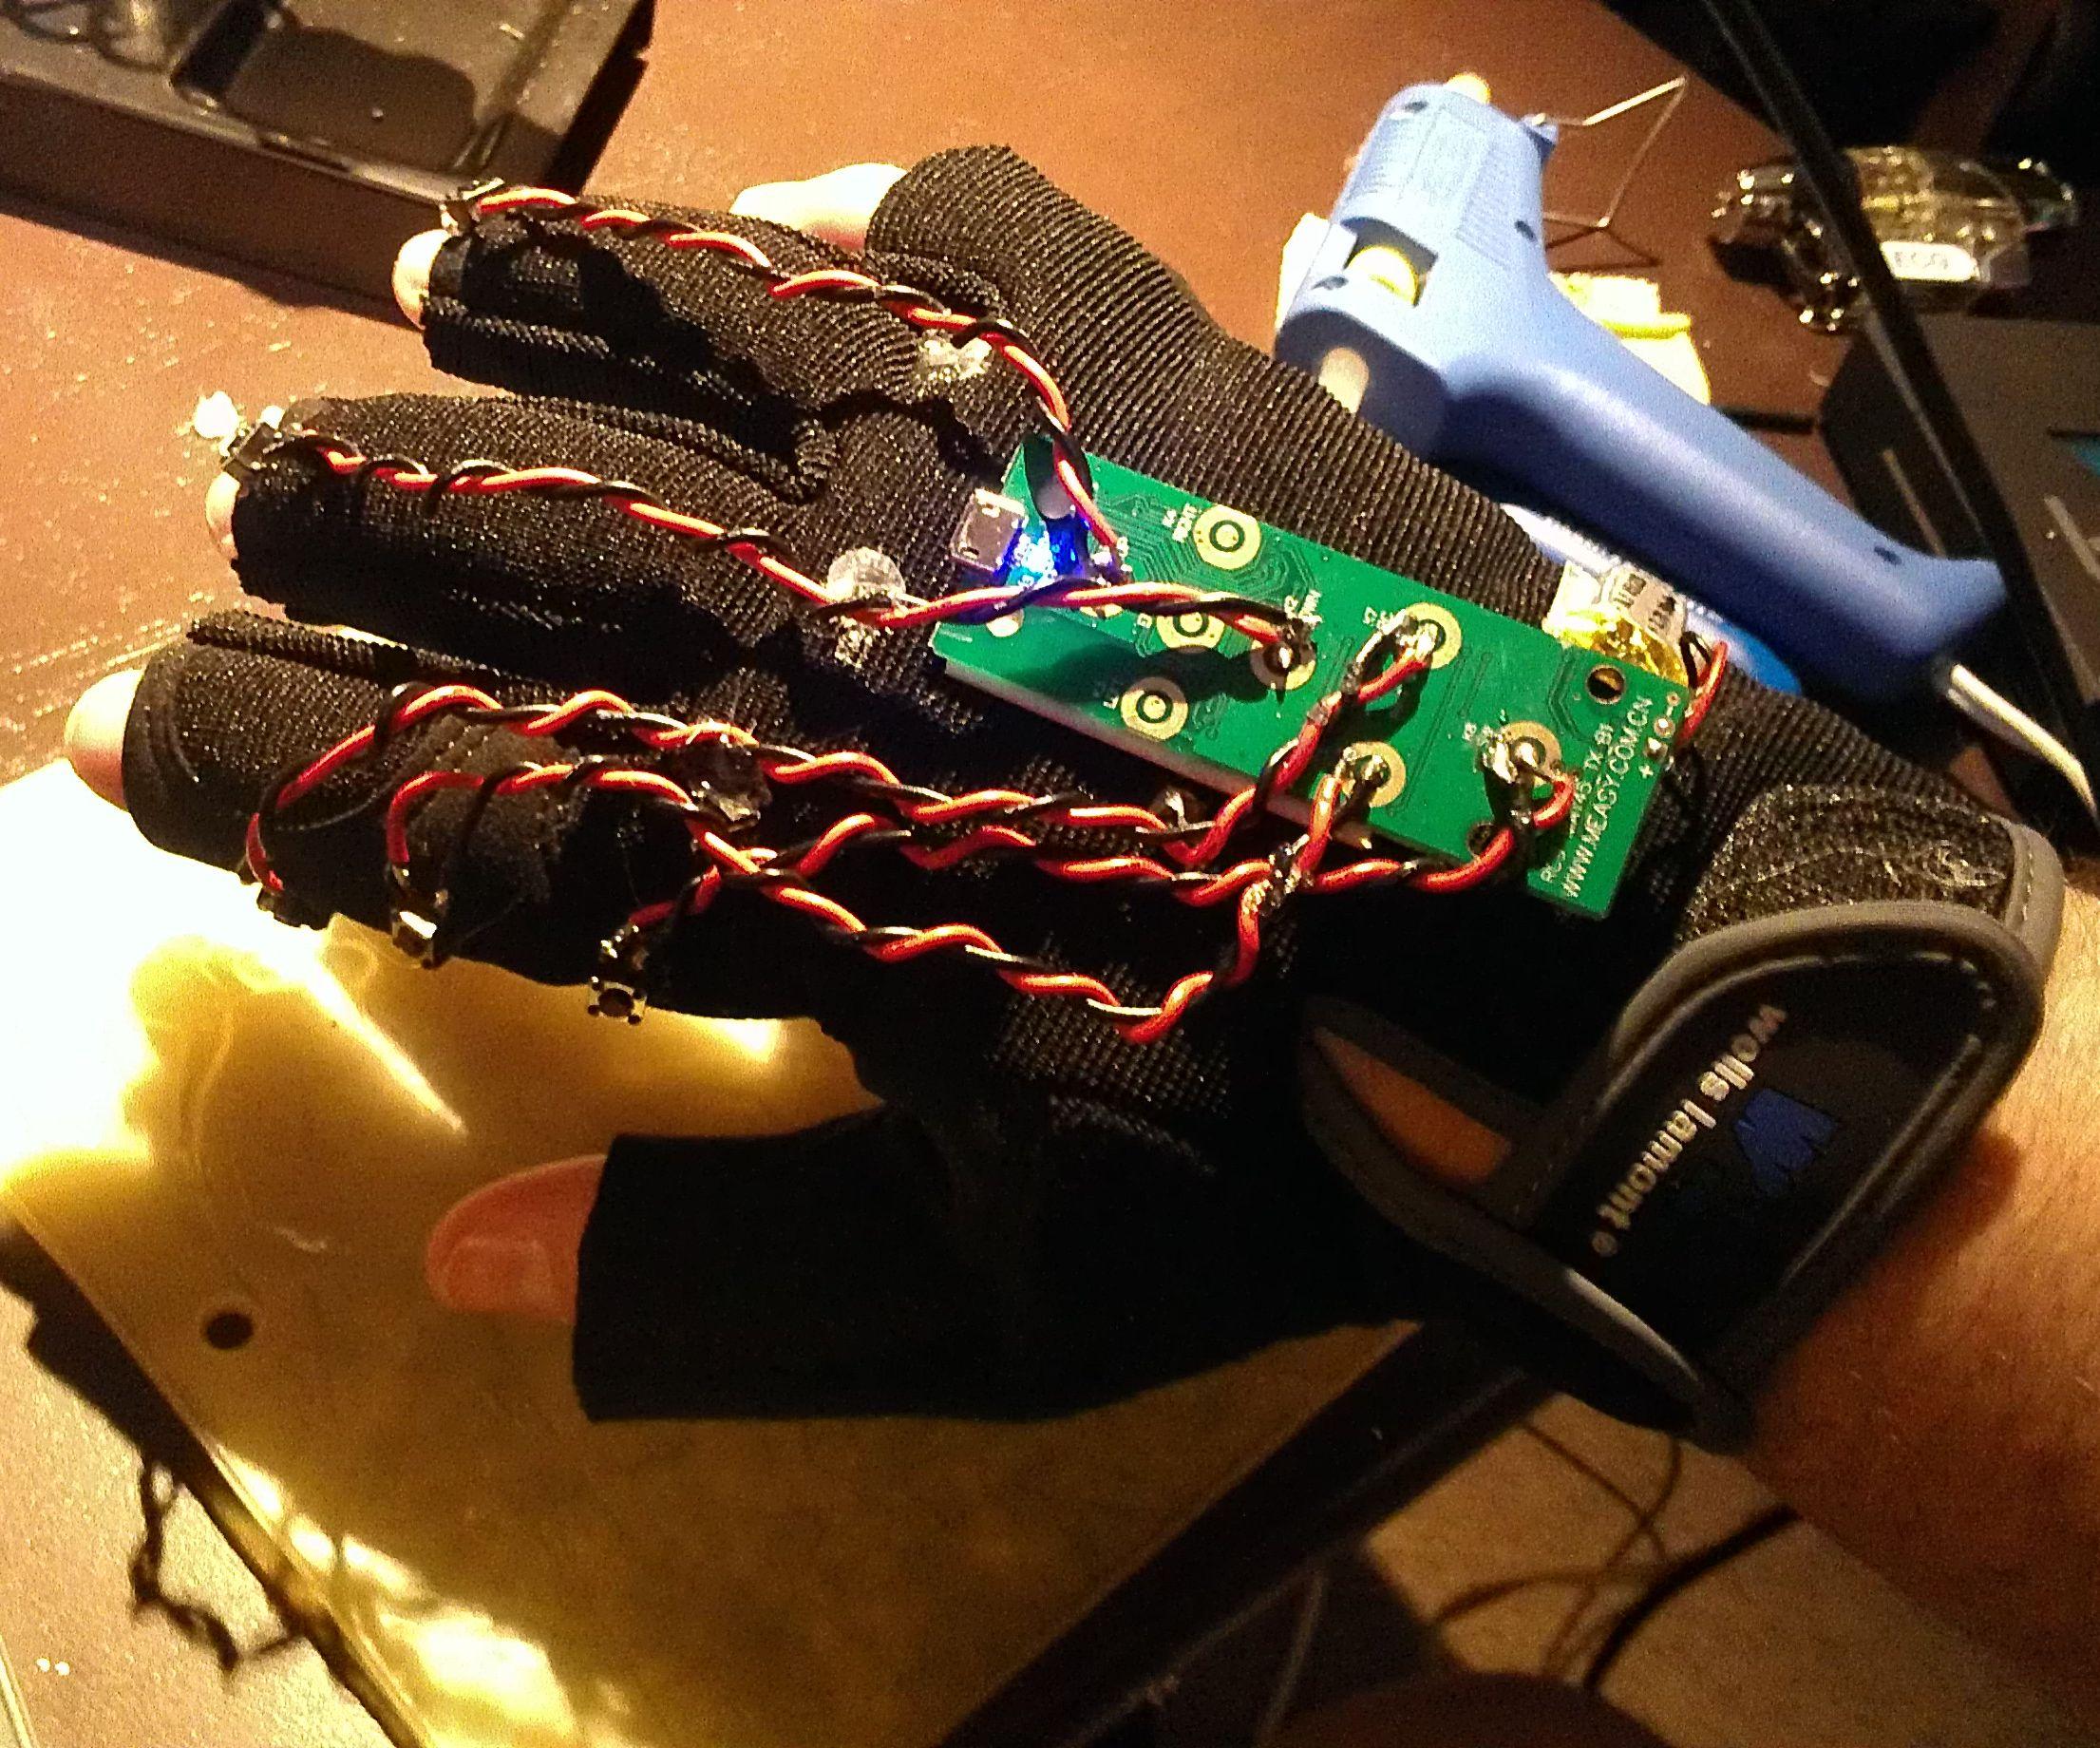 DIY Data Glove